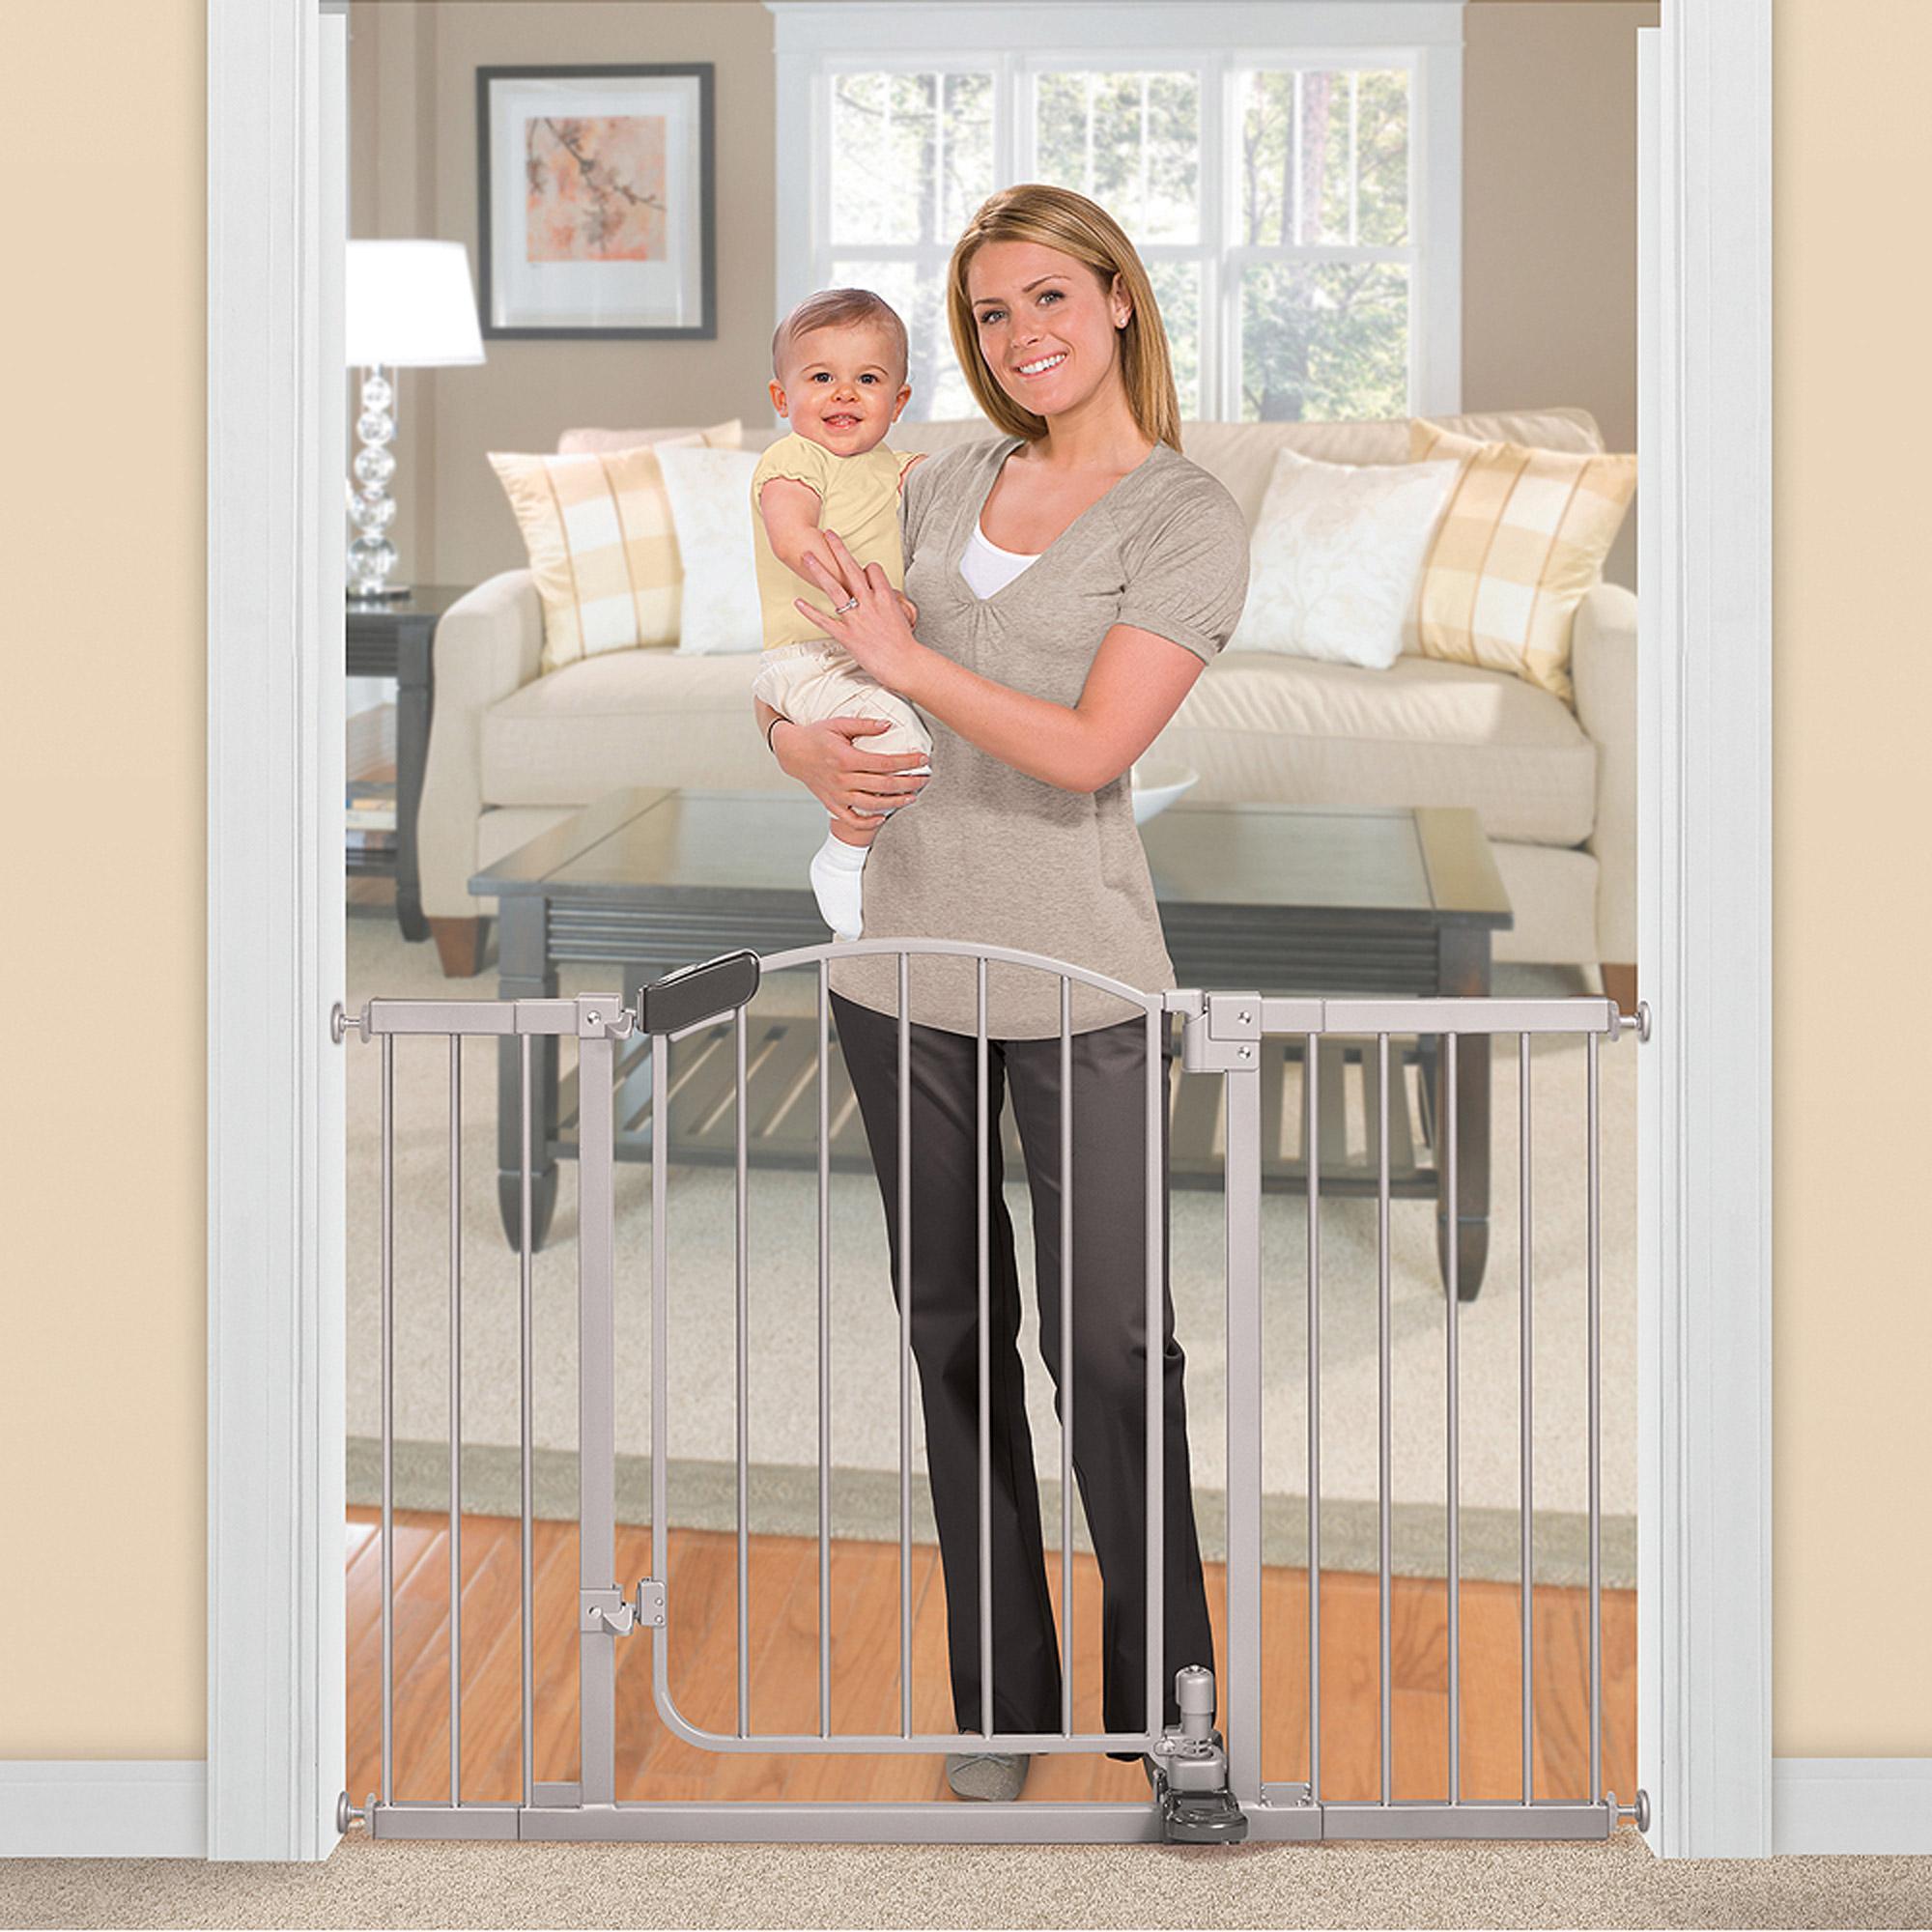 Summer Infant Metal Baby Gate 30 45 With Walk Through Door